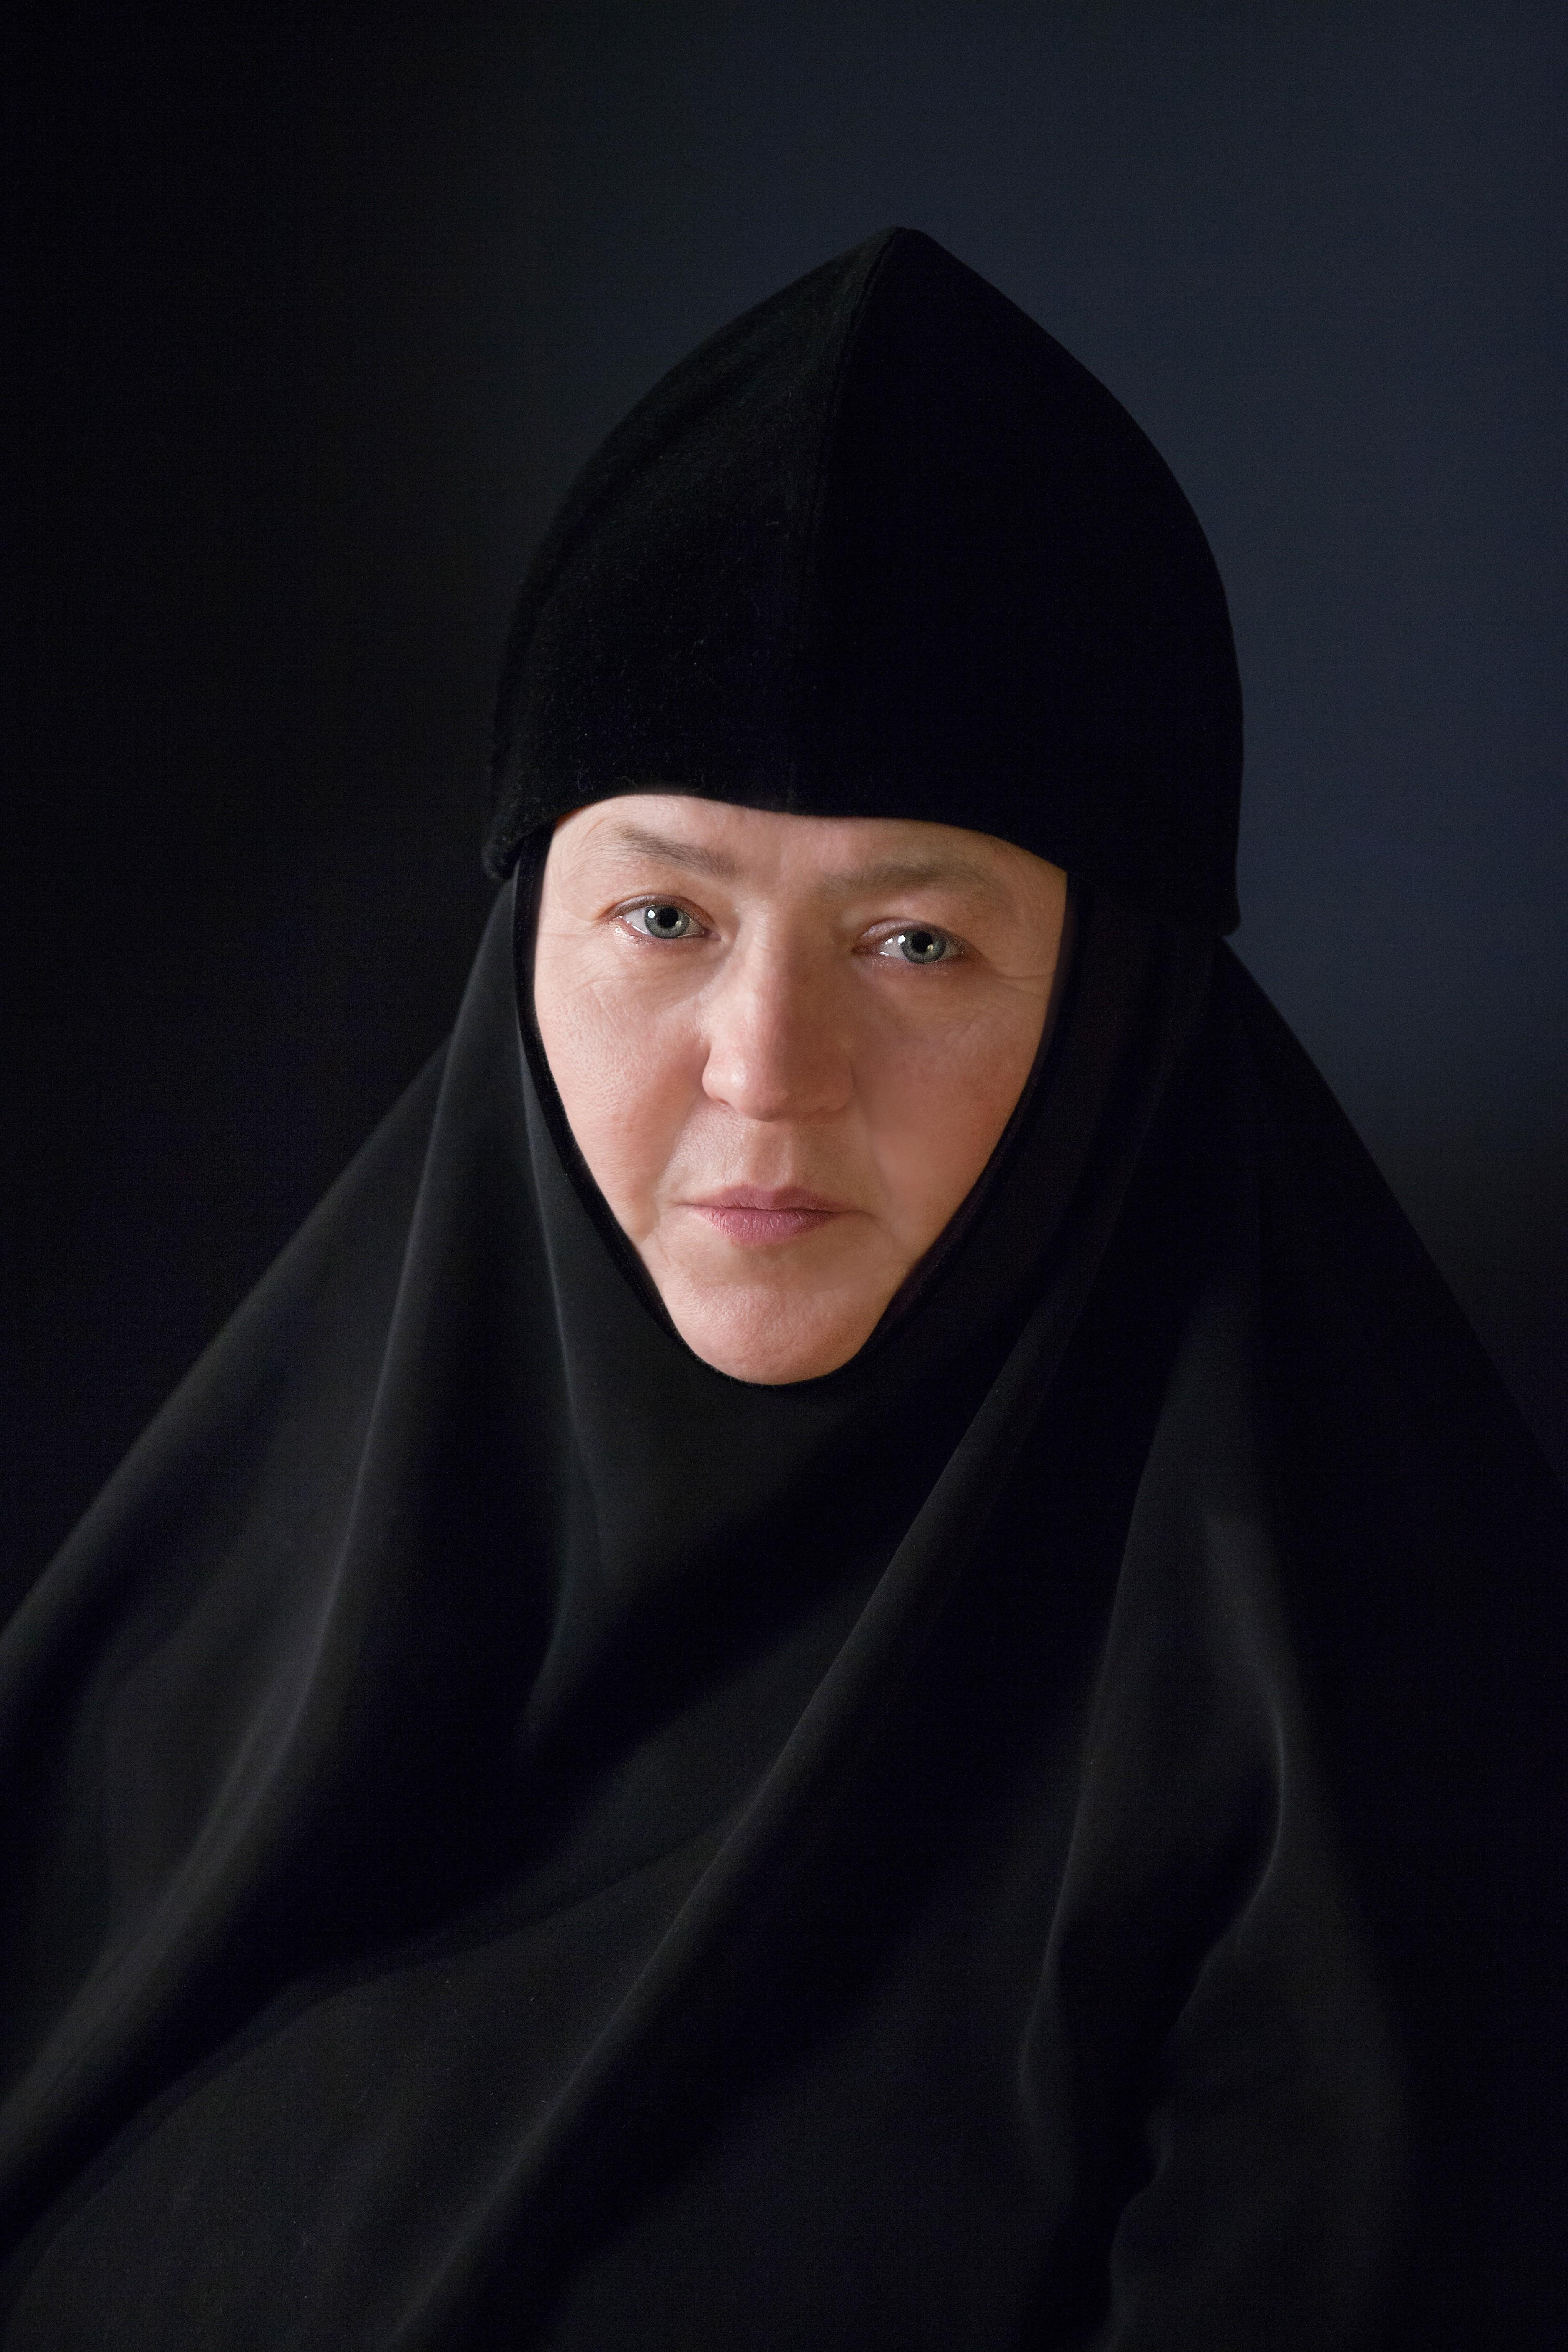 каждая страница фотографии монахинь к песне монахиня моя сша голодовка хайдера